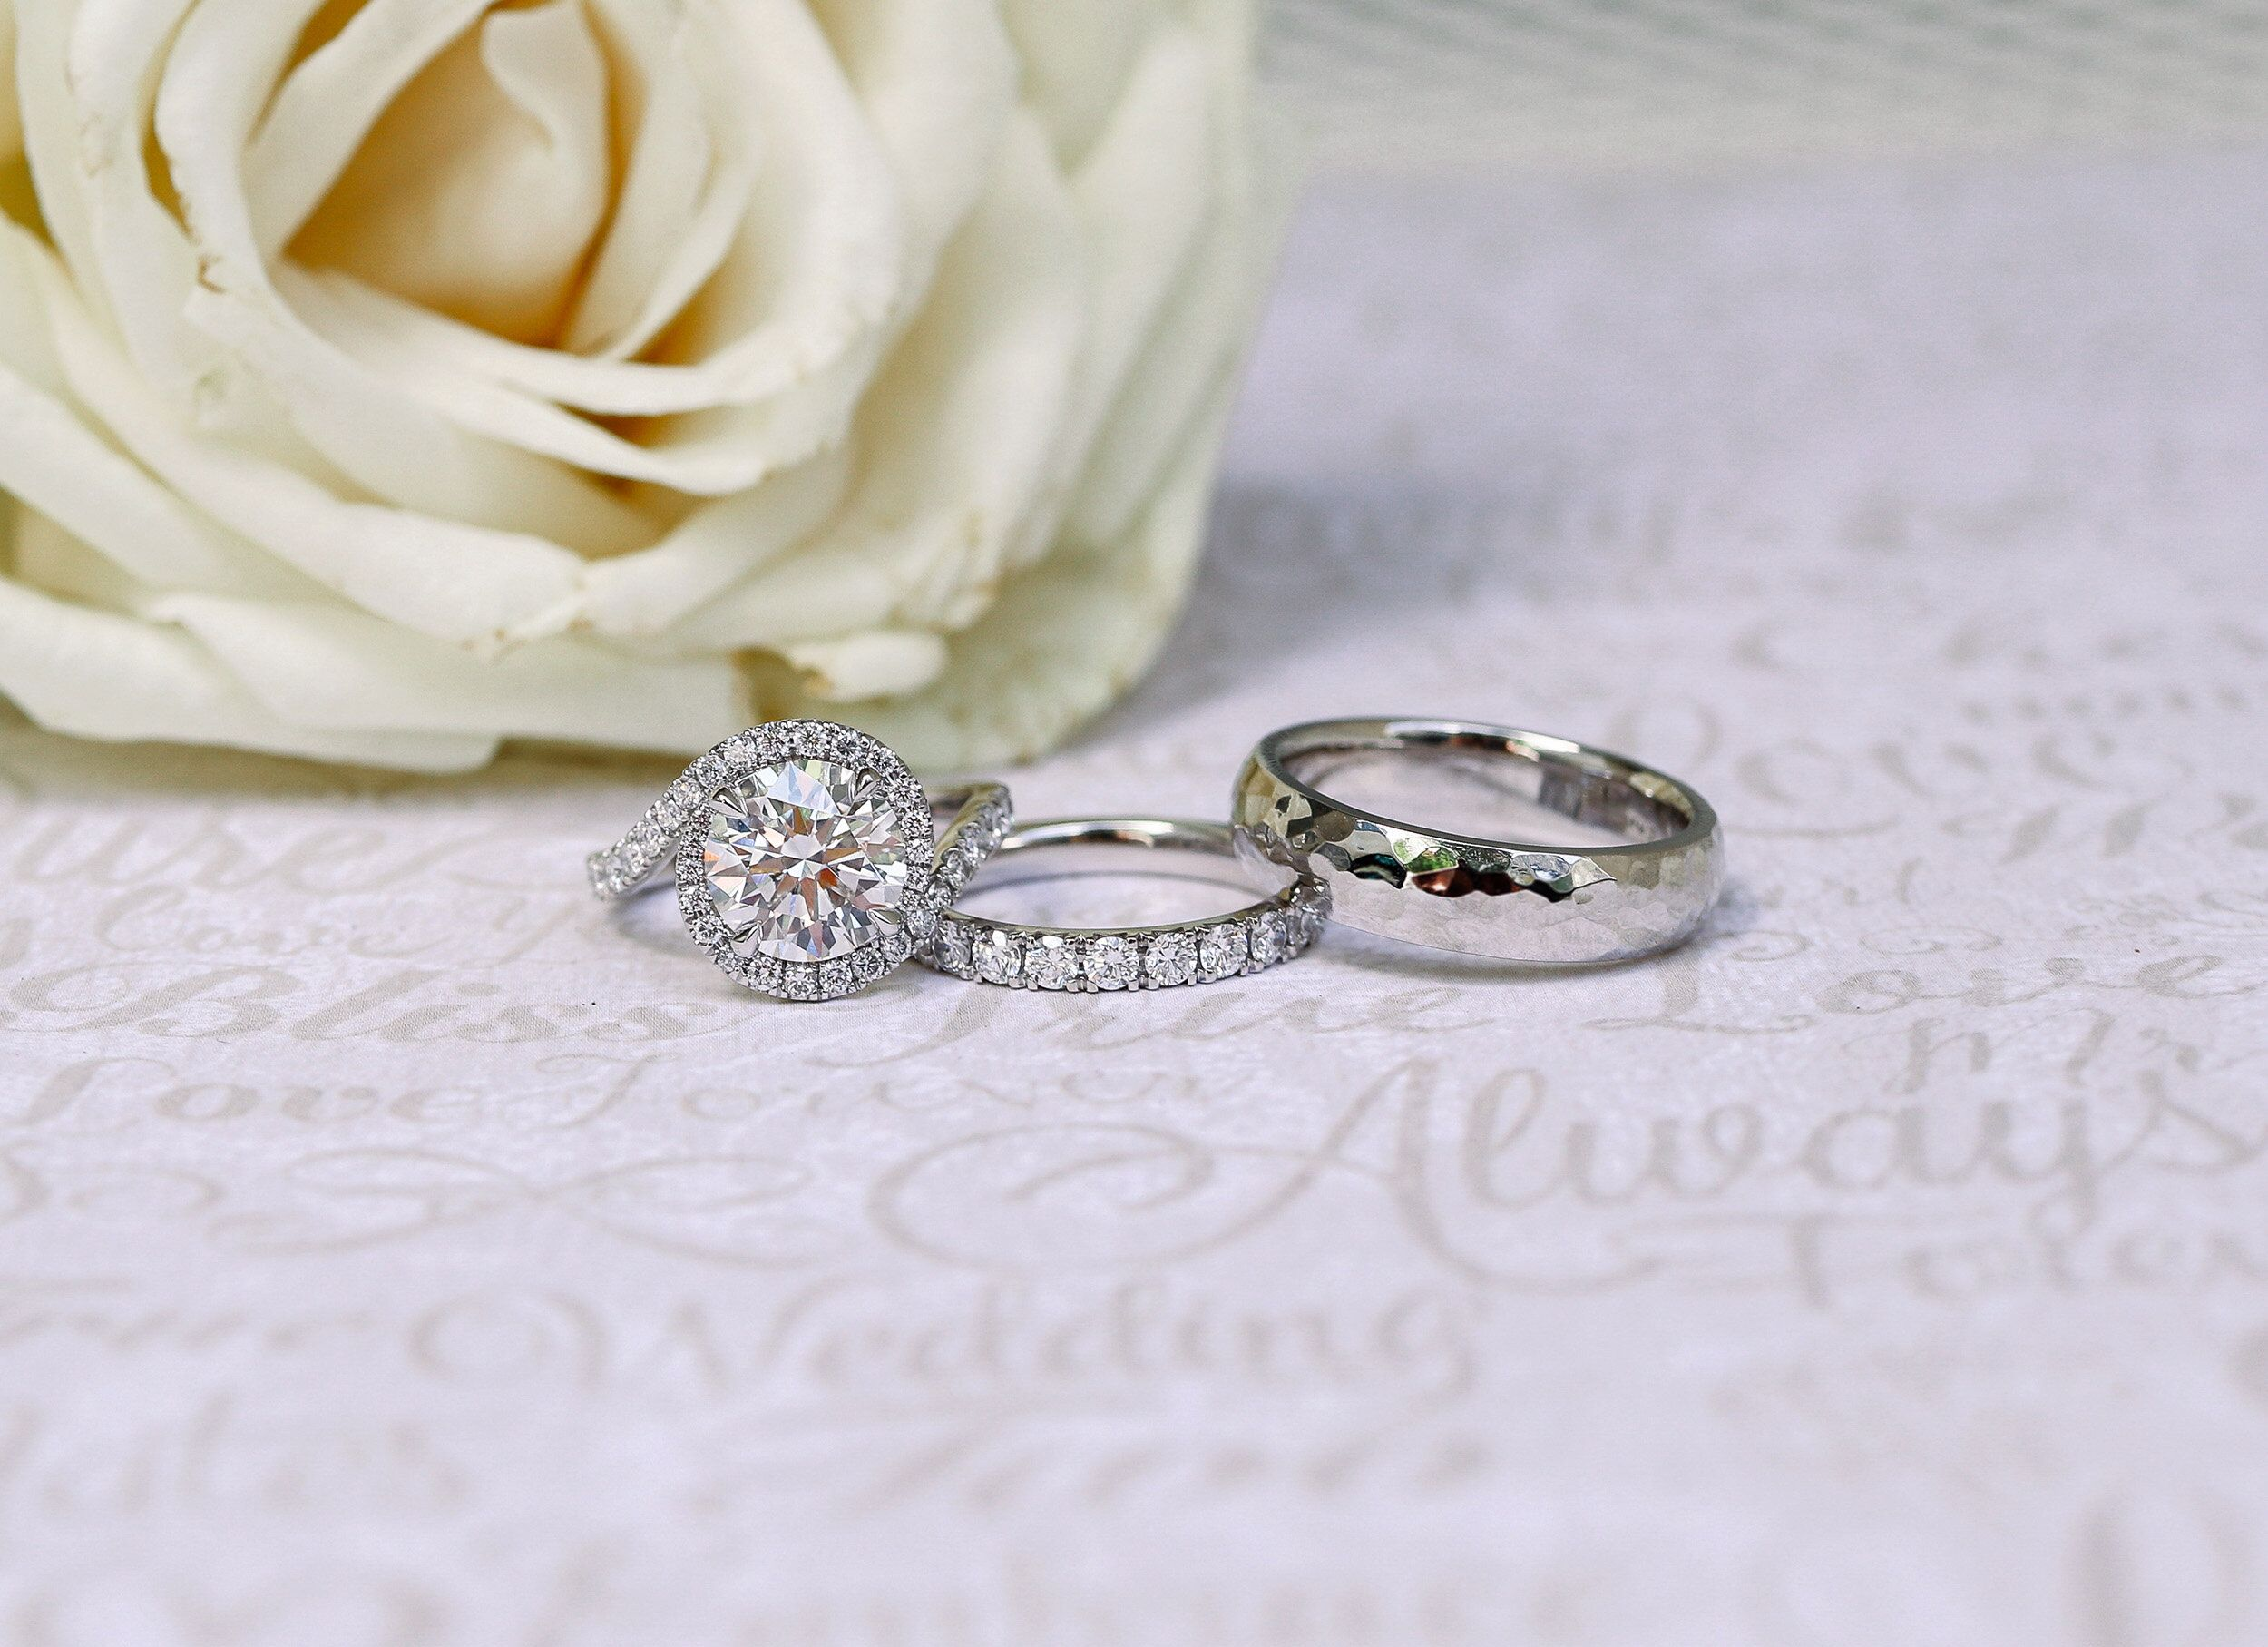 Buy Used Wedding Rings Online In 2020 Wedding Rings Online Wedding Ring Designs Diamond Wedding Sets